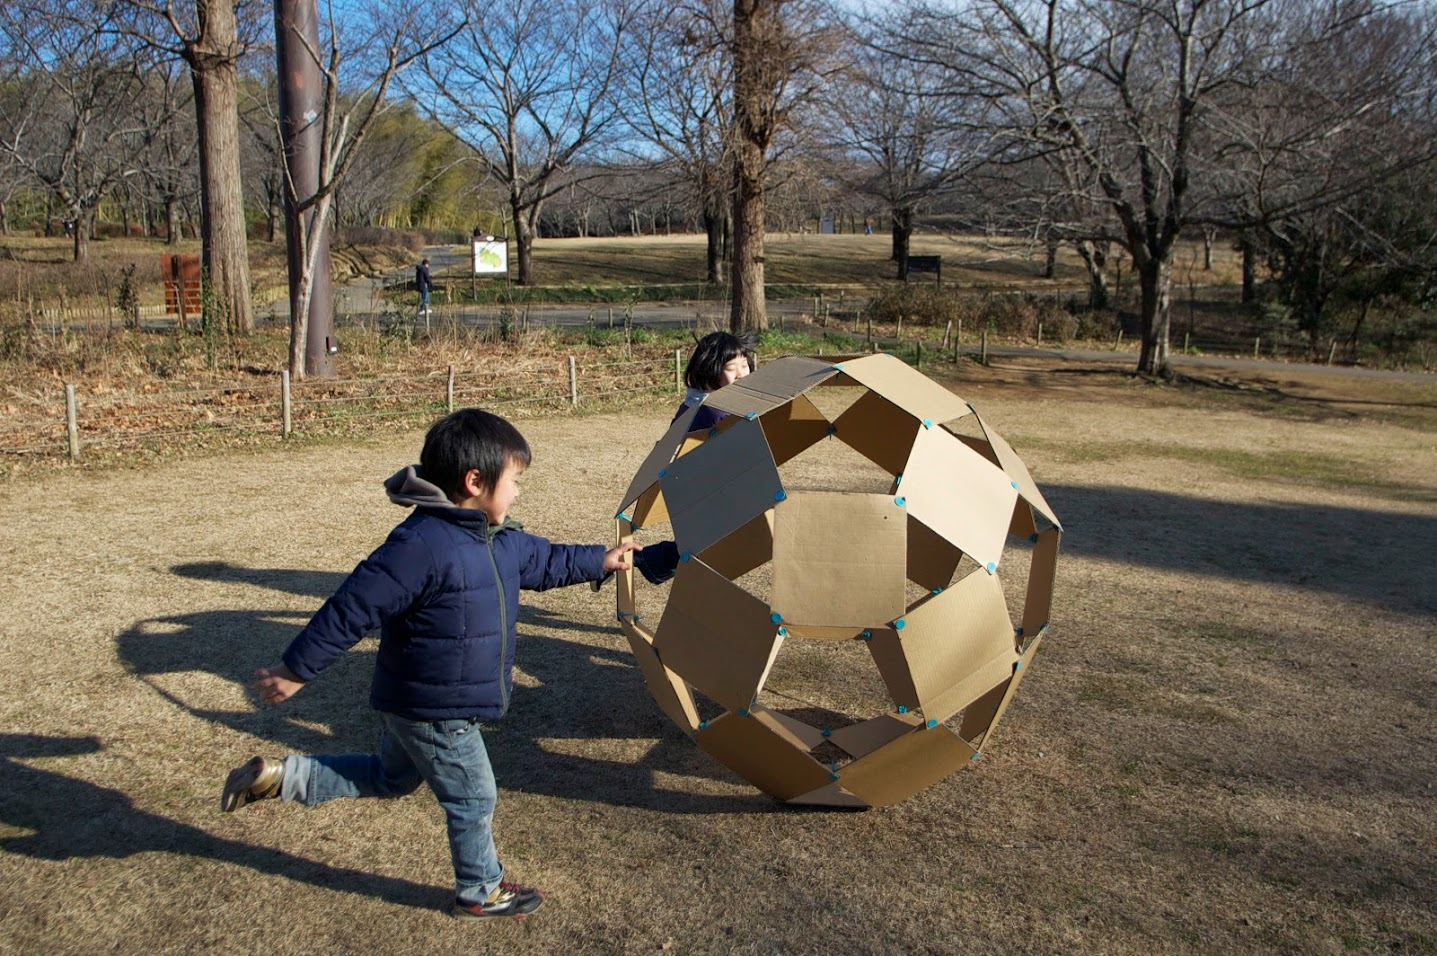 寒いから、makedoでデッカいサッカーボールを作って外で遊ぼう!